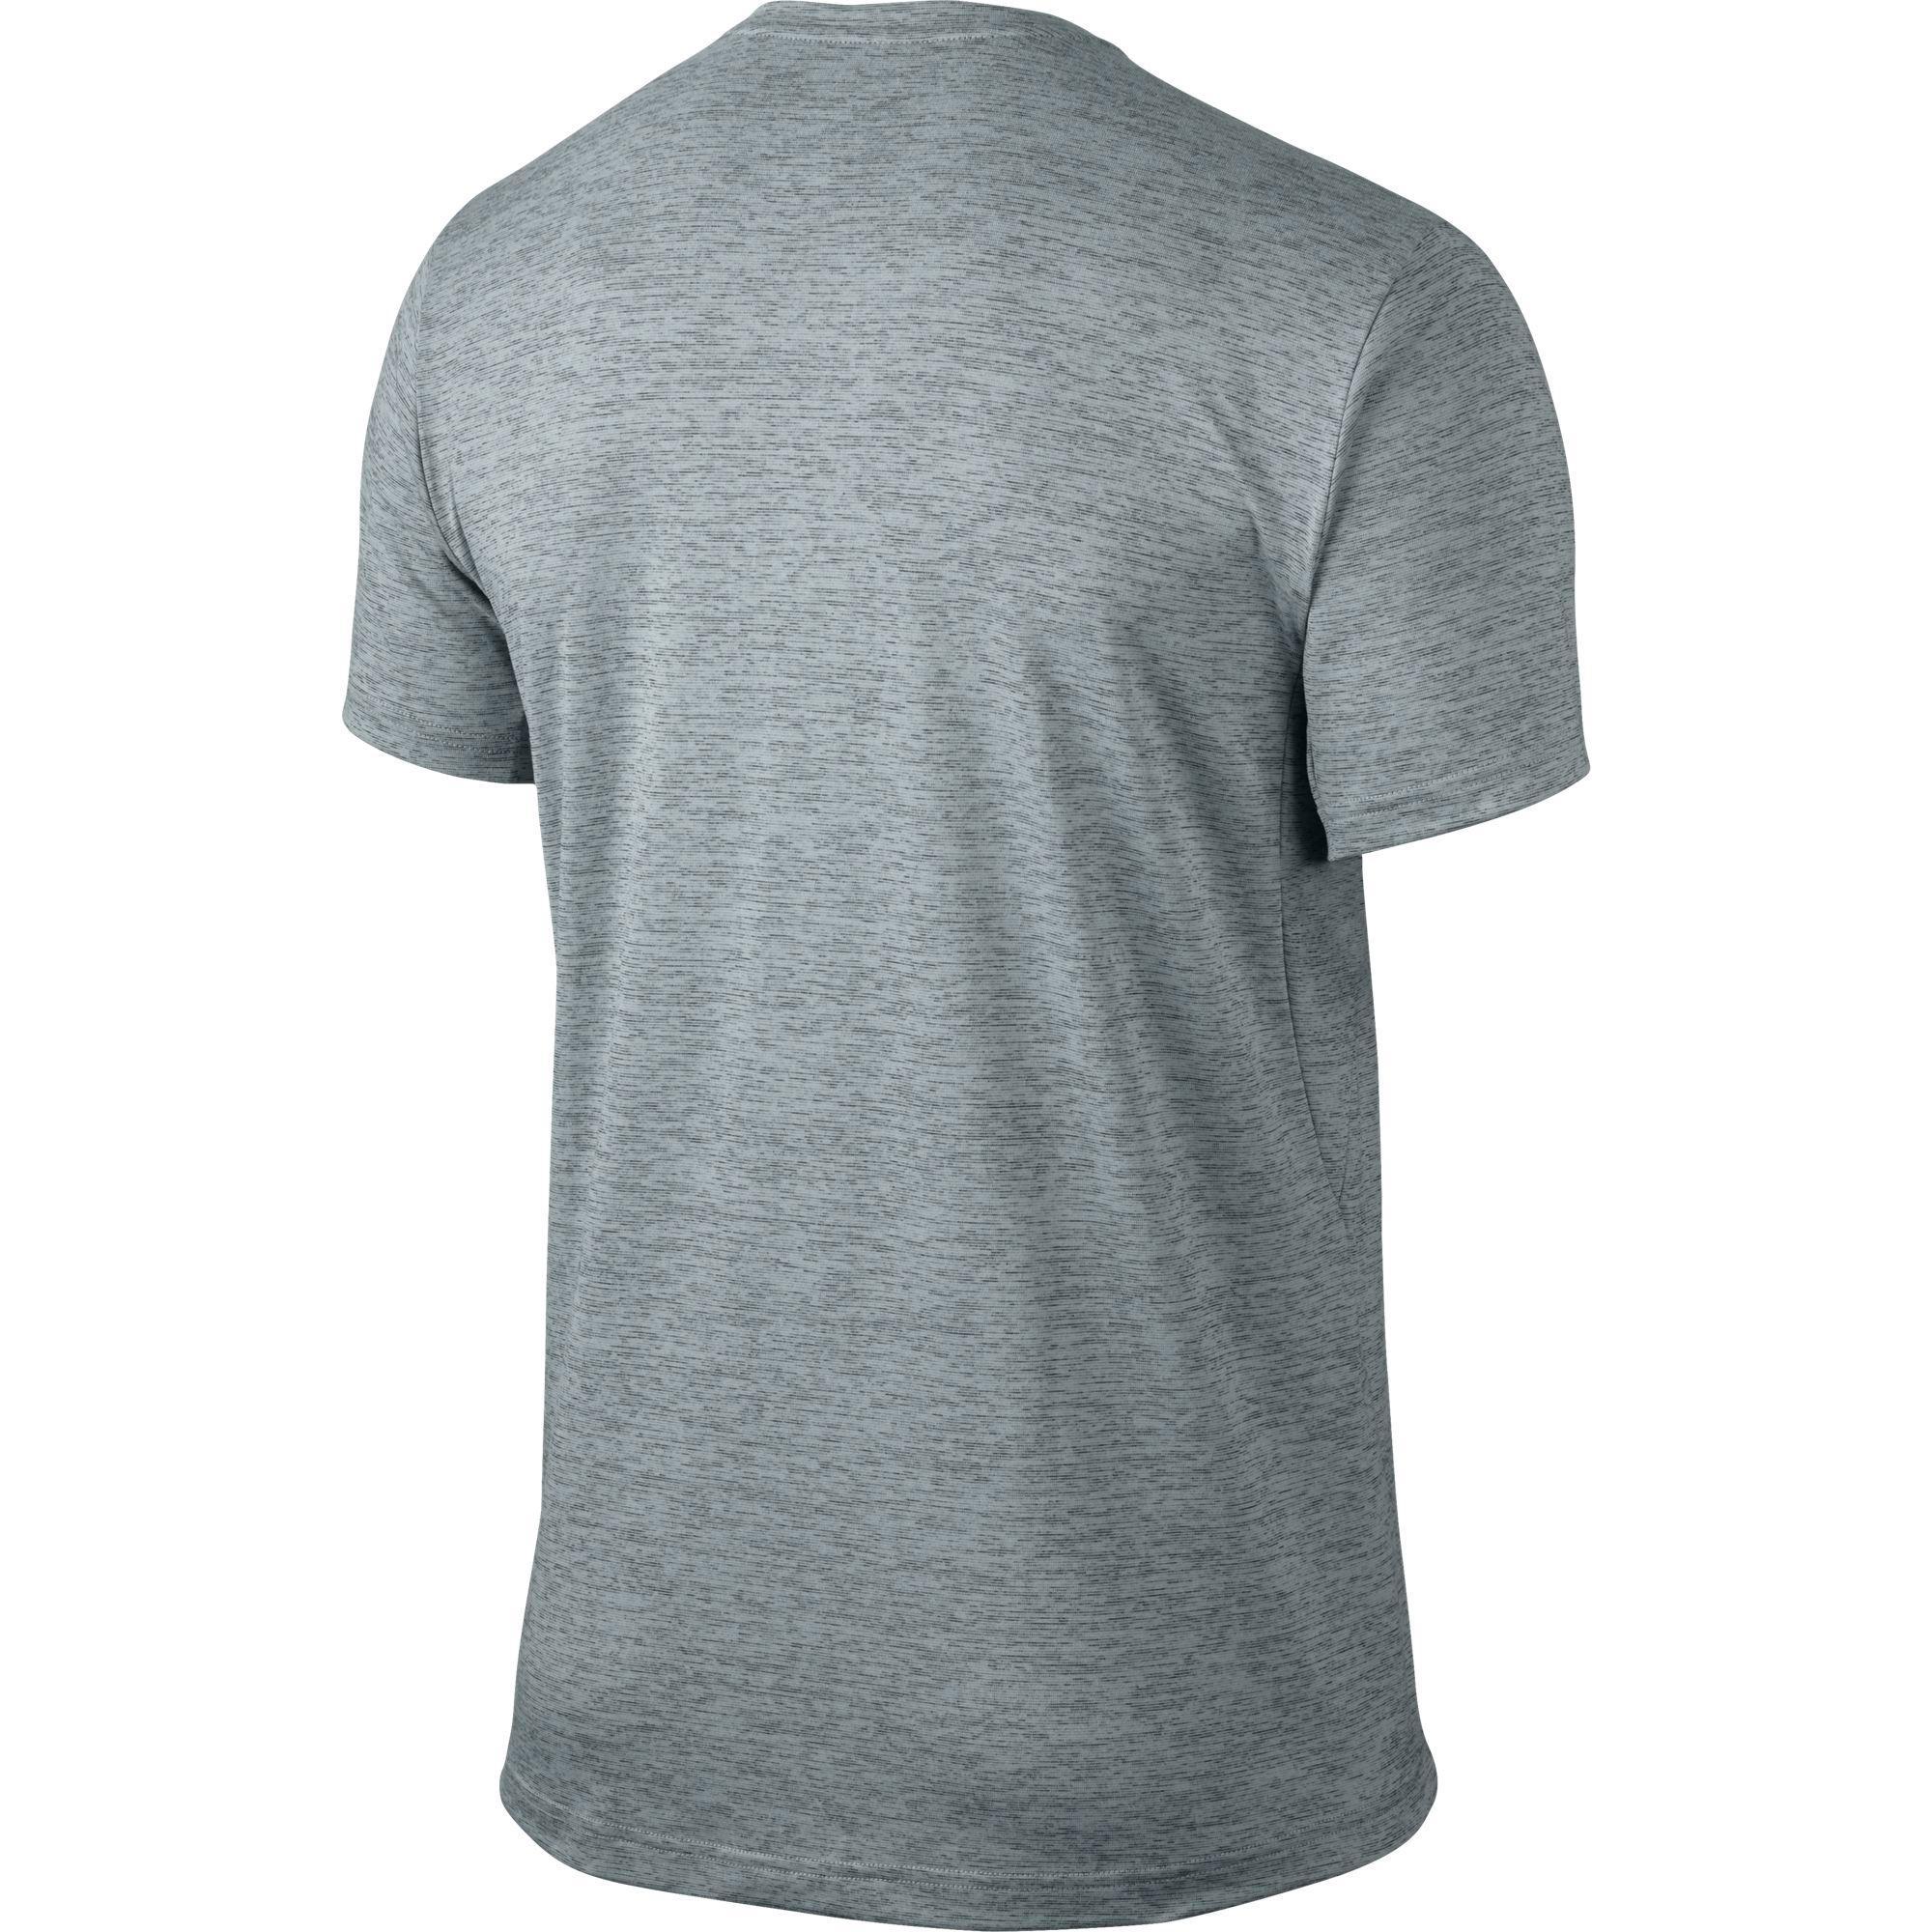 Nike Training Cool Towel: Nike Mens Dry Training Tee